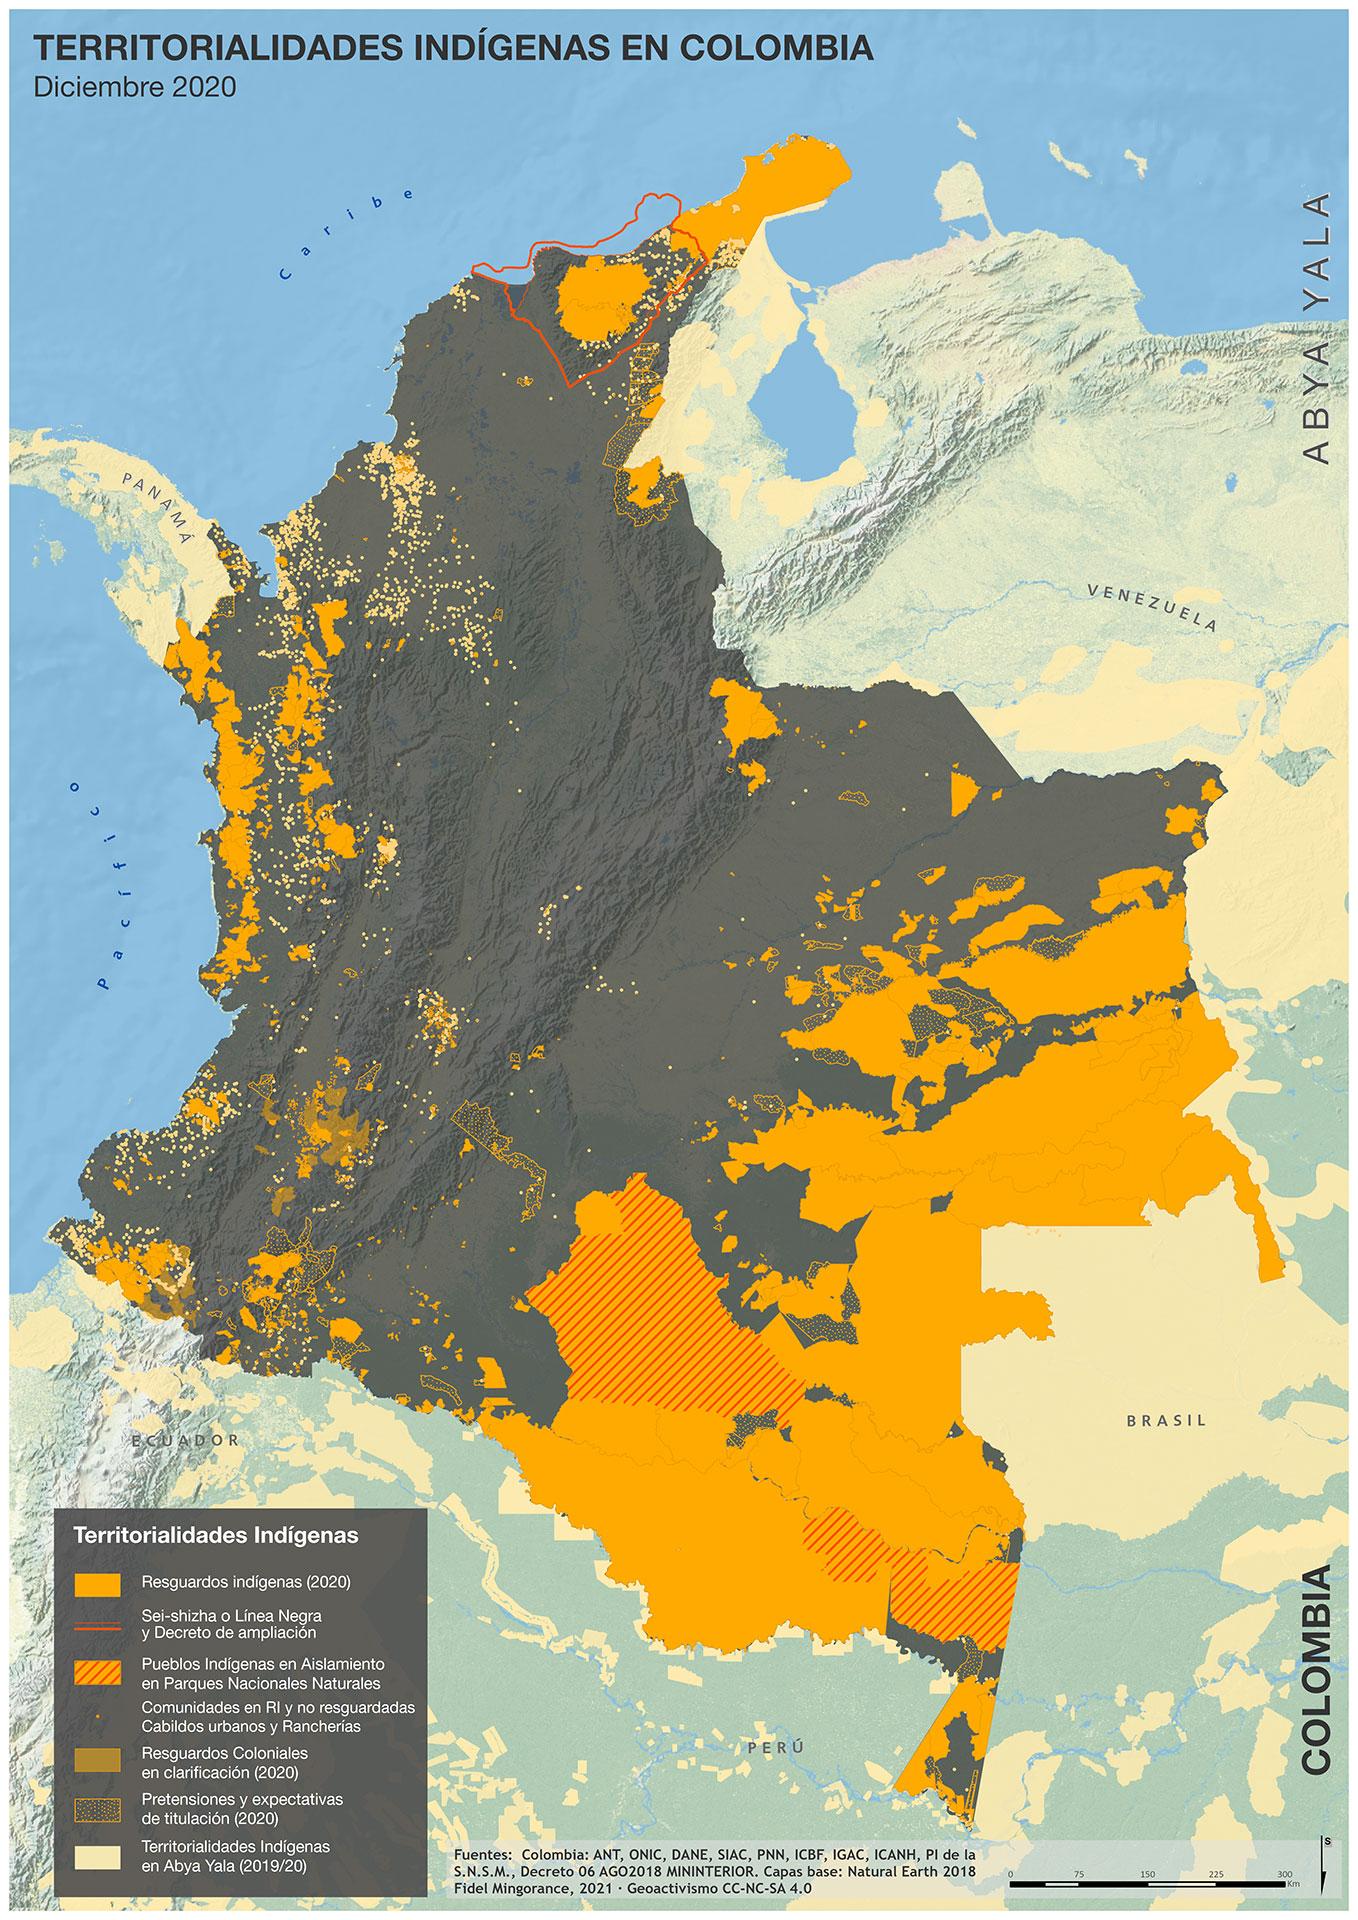 Territorios indígenas en Colombia (2020)